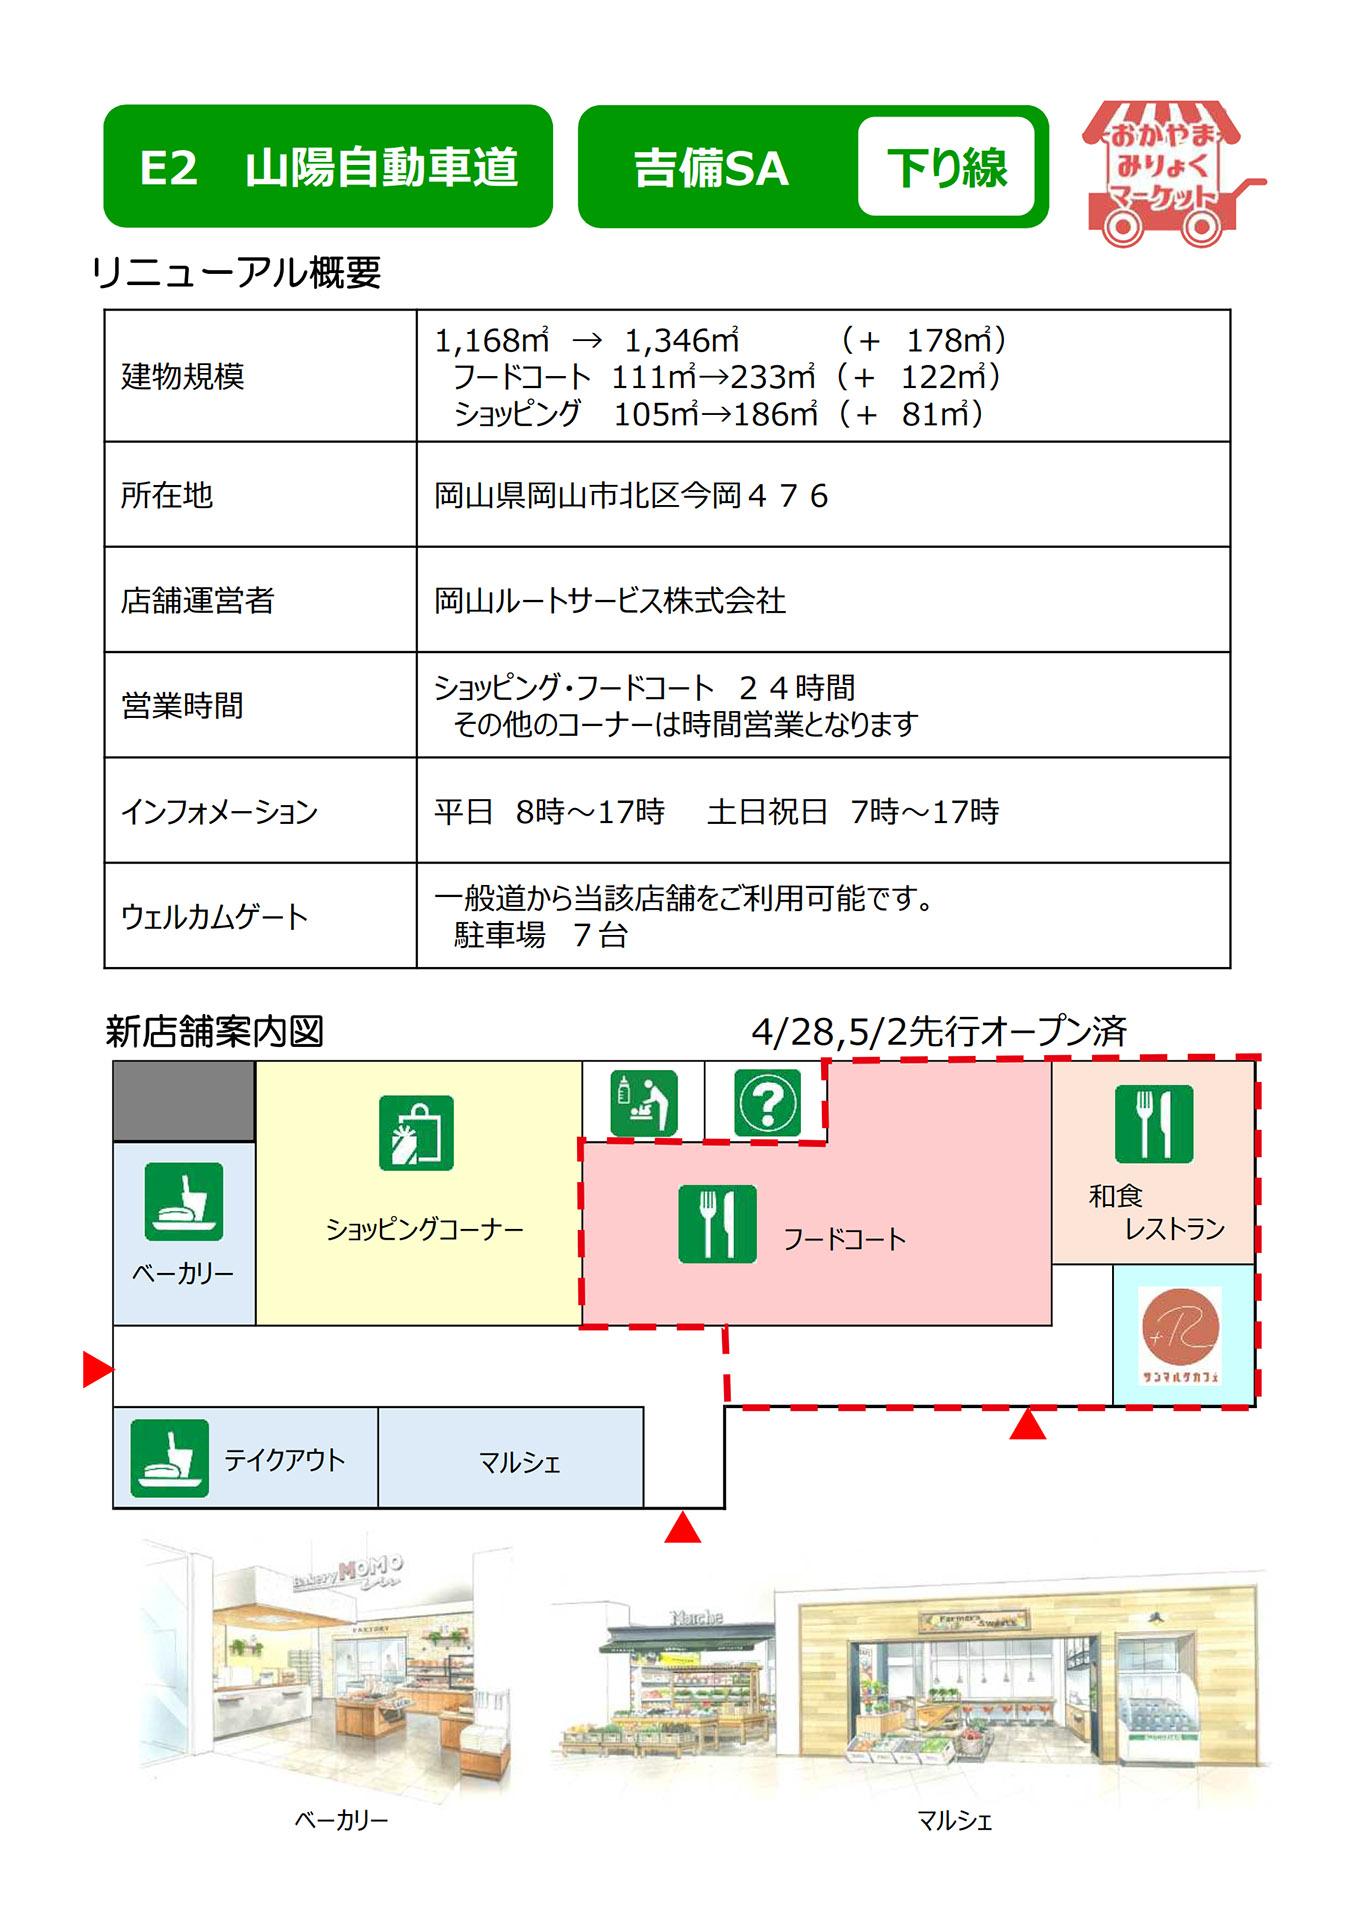 リニューアル概要と館内図